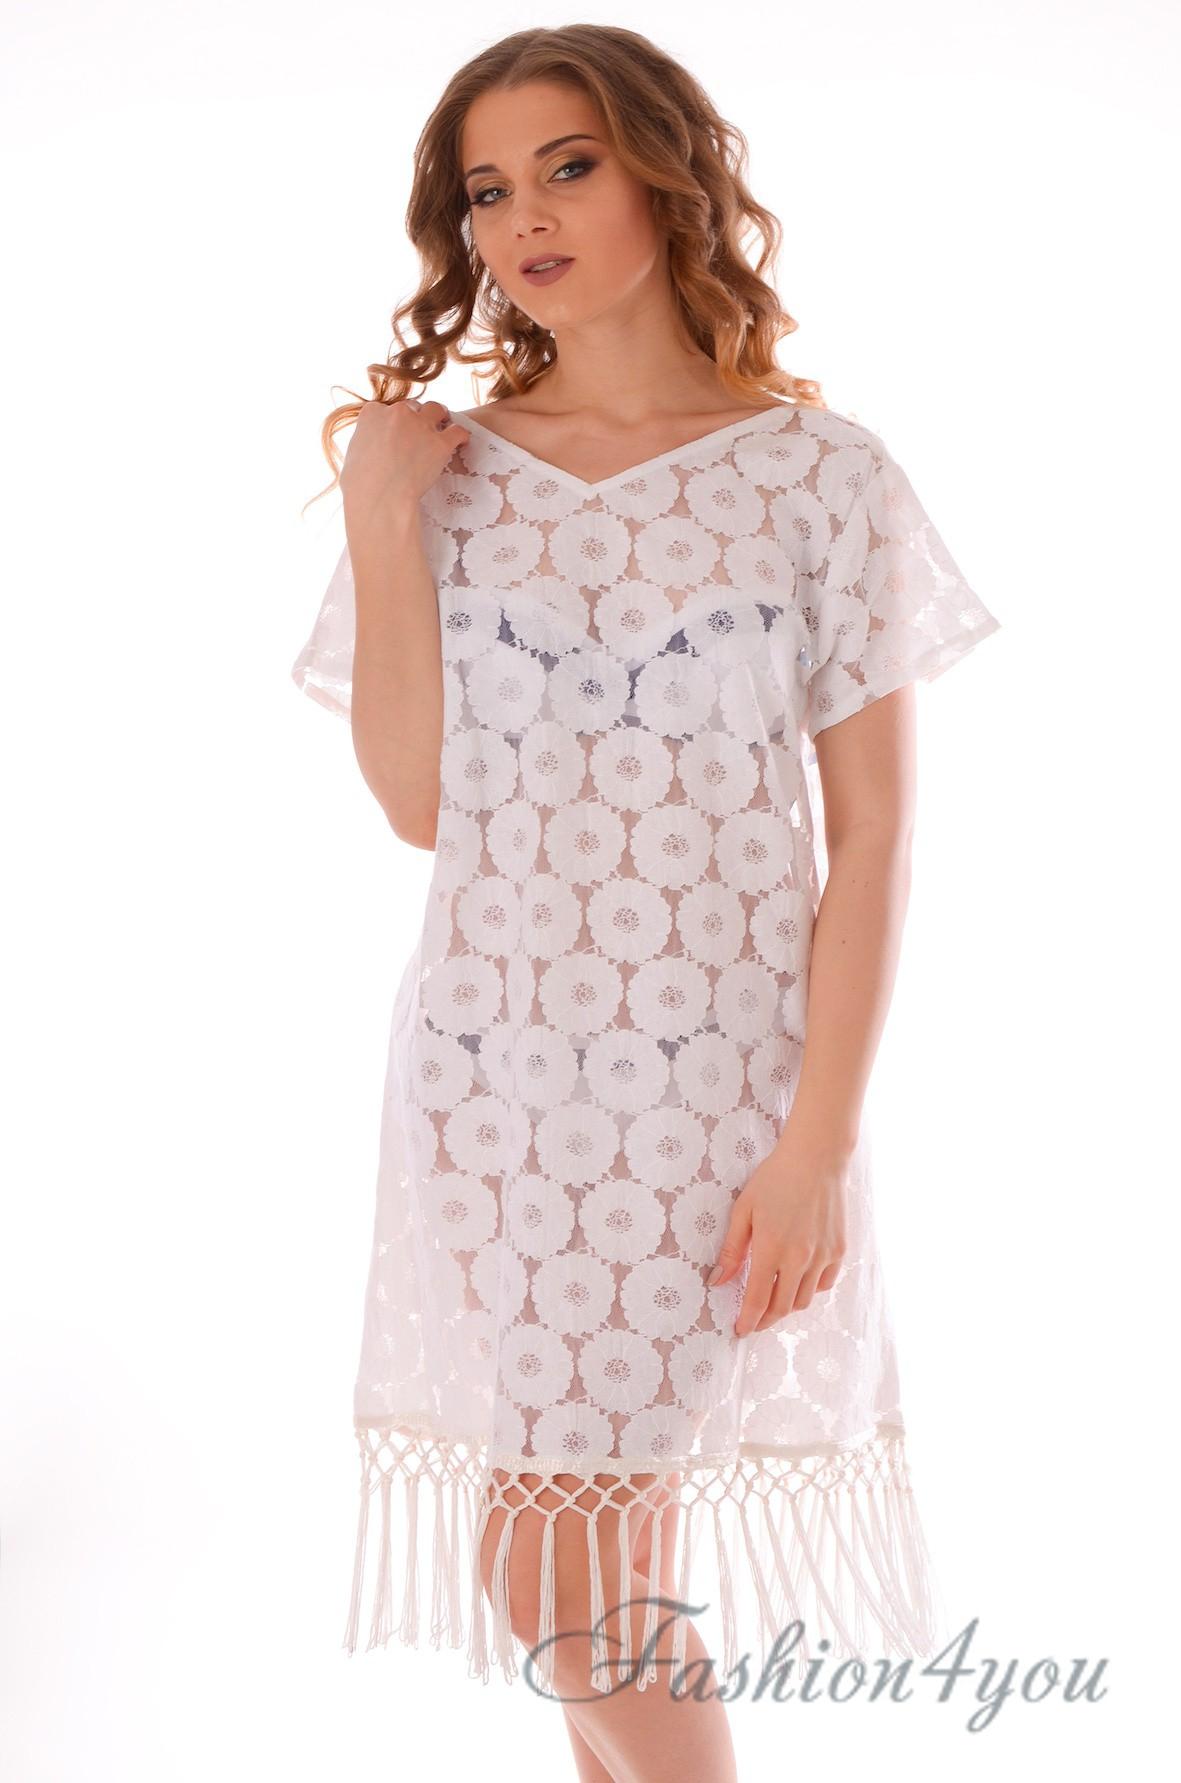 b864378d1ae70ee Кружевное пляжное платье с рукавами, белого цвета Iconique IC9-017